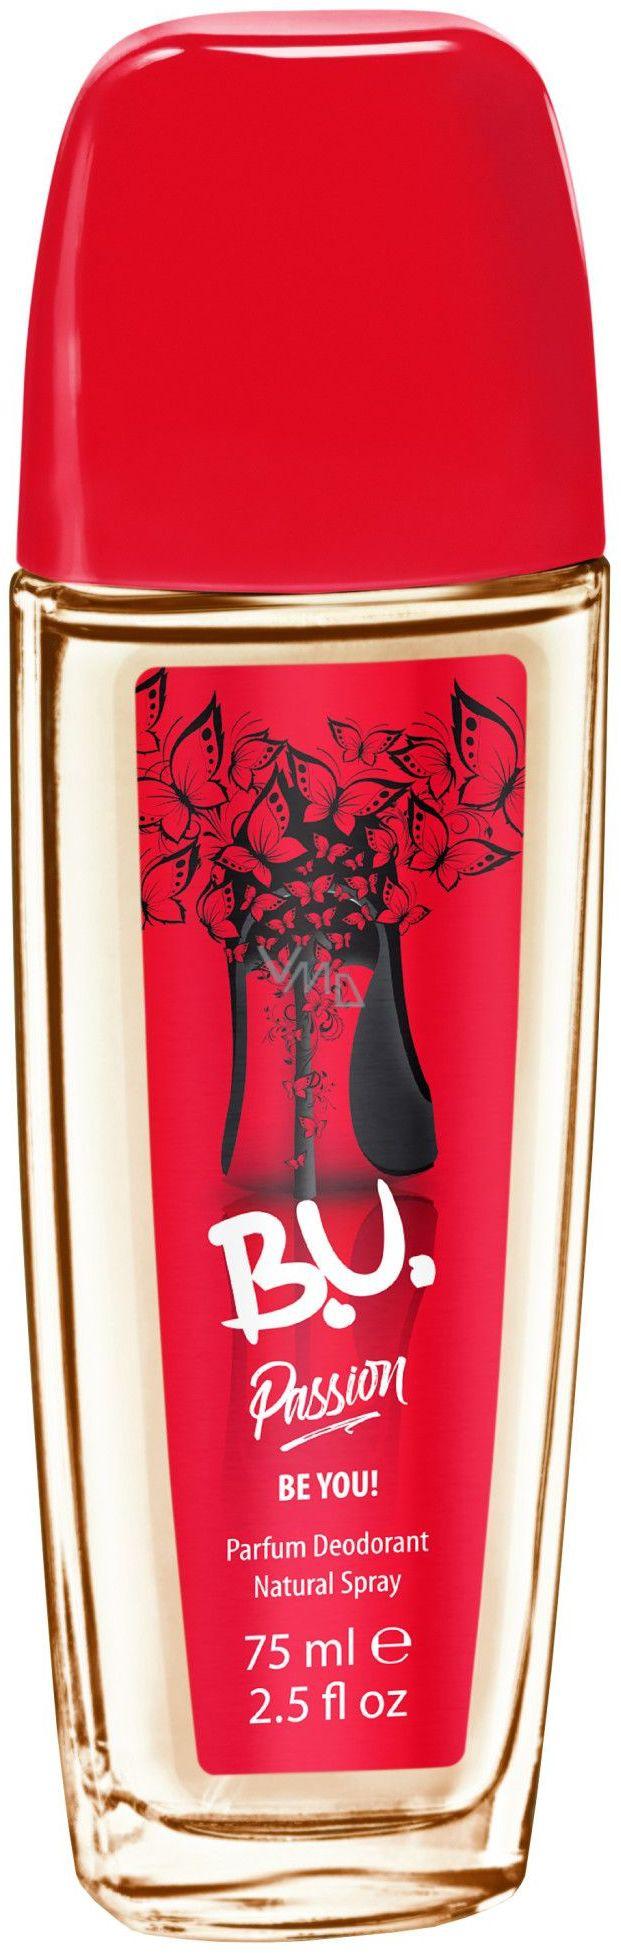 35b0666a06 B.U. Passion parfémovaný deodorant sklo pro ženy 75 ml - VMD ...